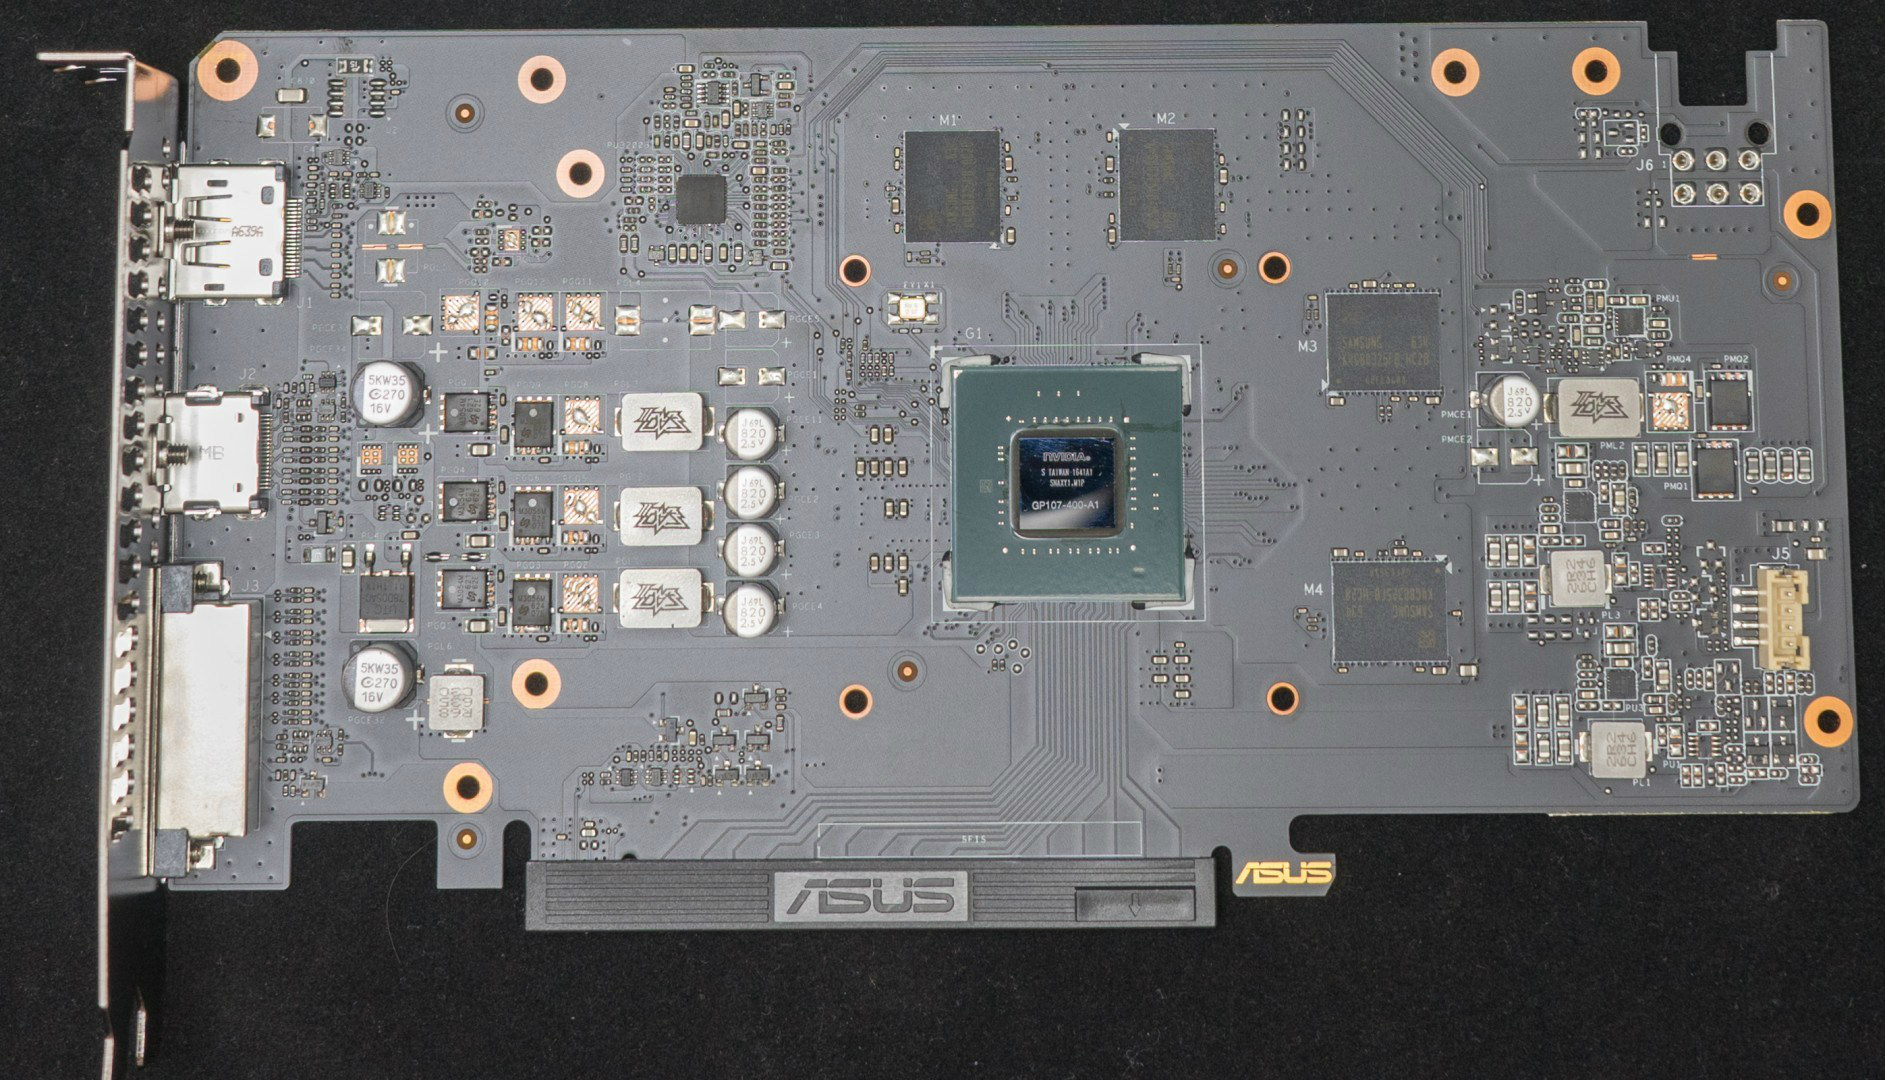 기Œì€ 보급˜•ë‹µê²Œ 비교적 간소•œ 구성을 보입니다 가운데에는 GP107 400 A1 칩이 있으며 ê·¸ 주변을 GDDR5 메모리가 좌측에는 전원부가 배치된 구성입니다